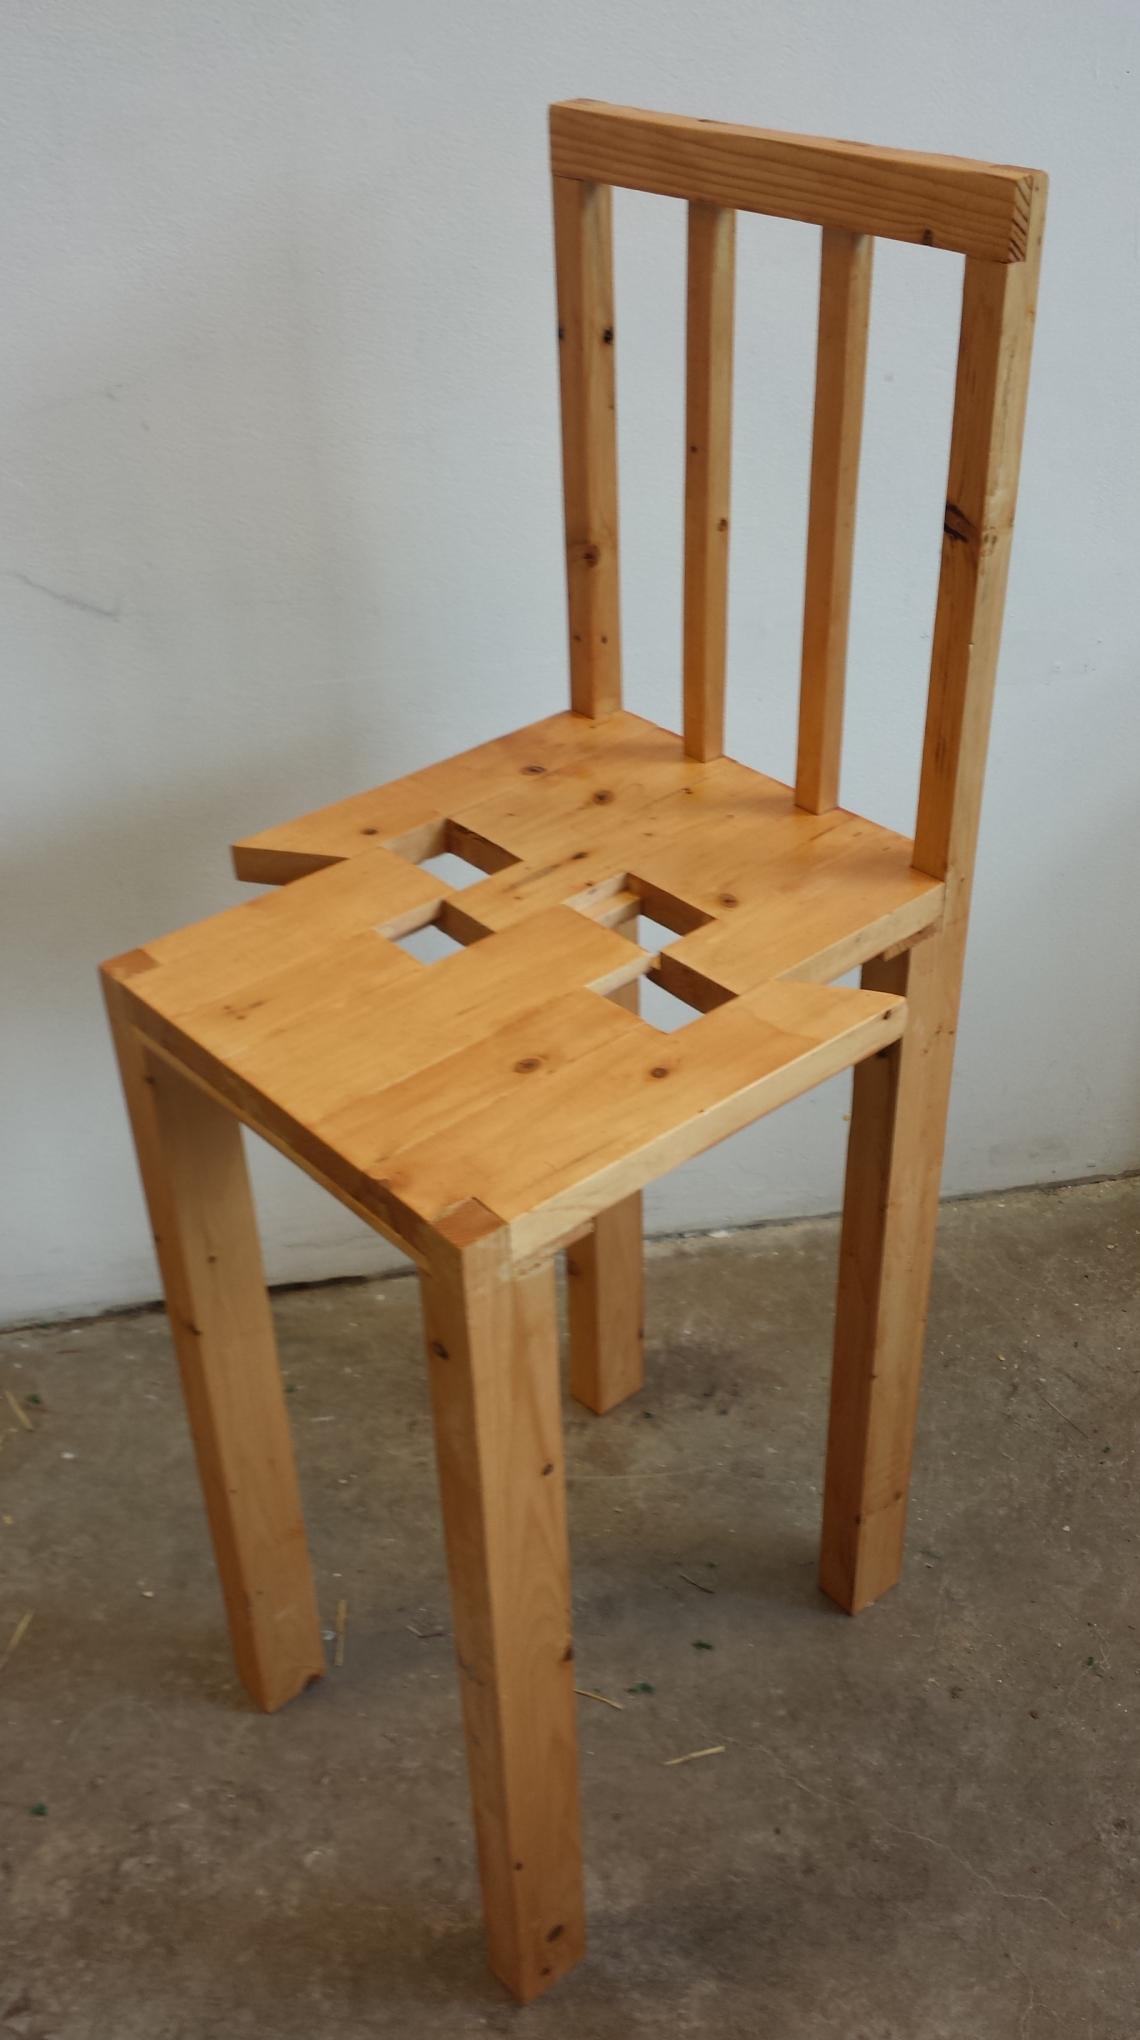 5 - Woodwork